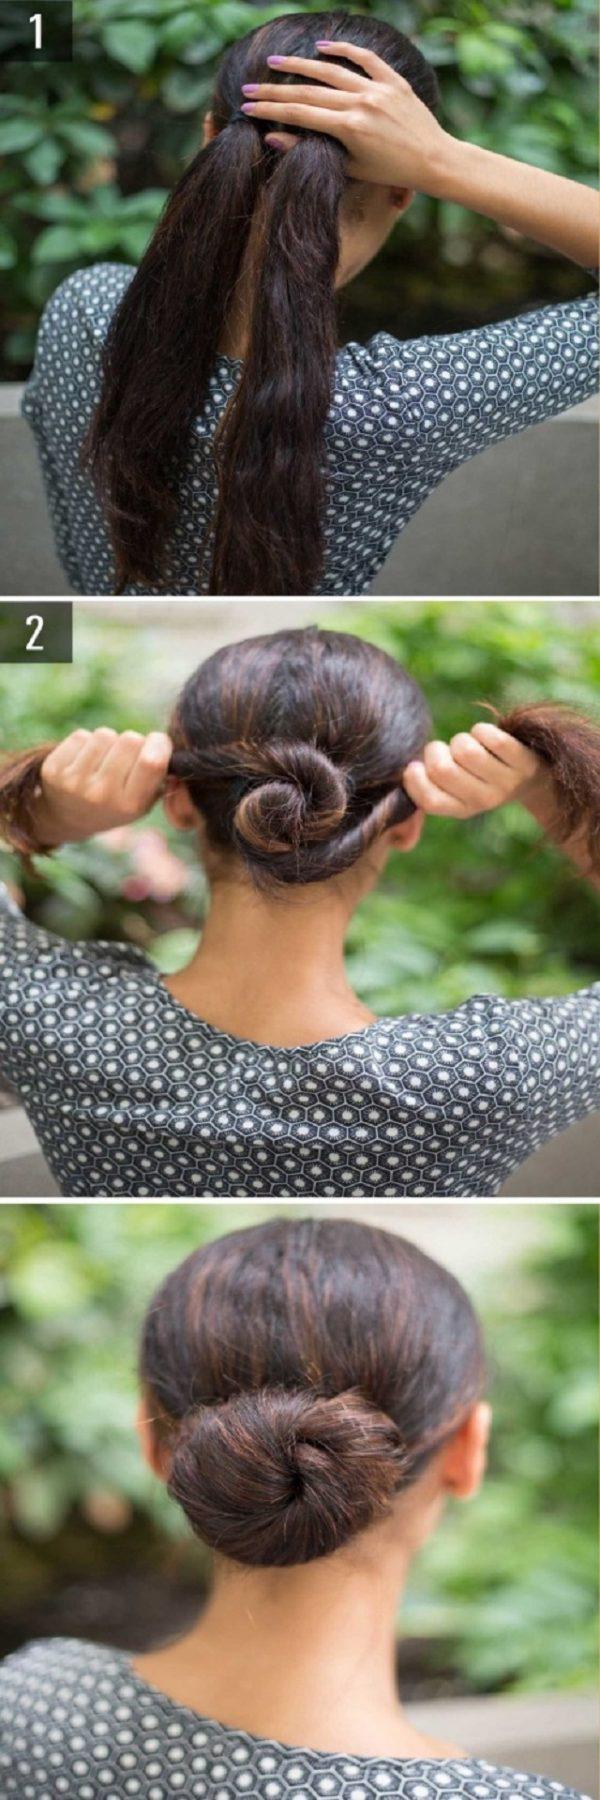 Cách làm những kiểu tóc đẹp, sang trọng nhanh nhất cho các nàng xuống phố (10)